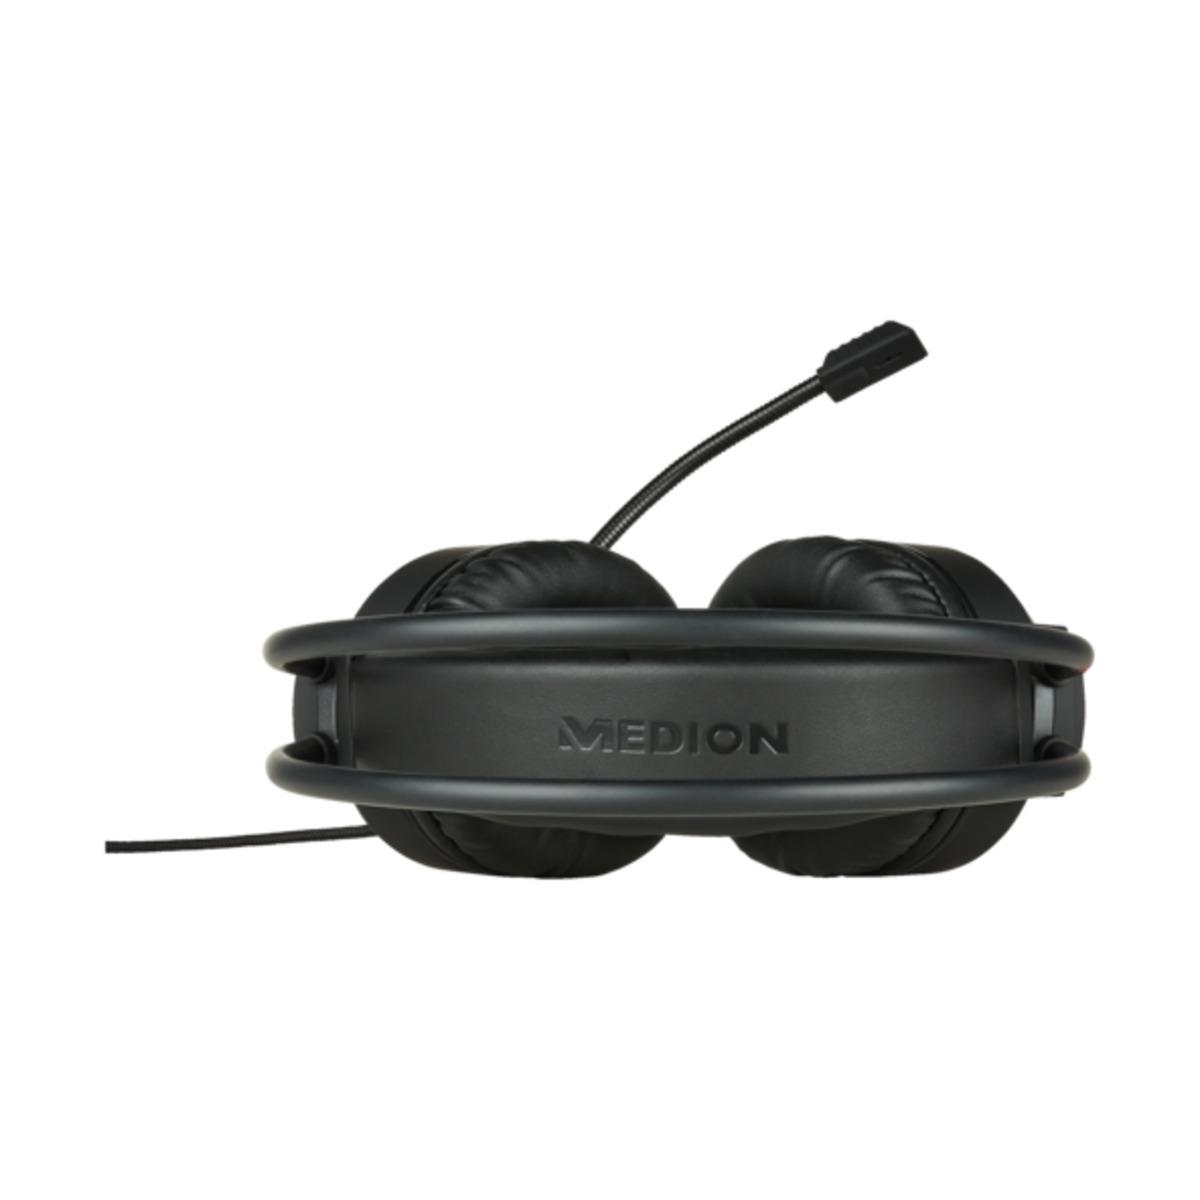 Bild 5 von 2.0 Stereo Gaming Headset MEDION ERAZER X83009